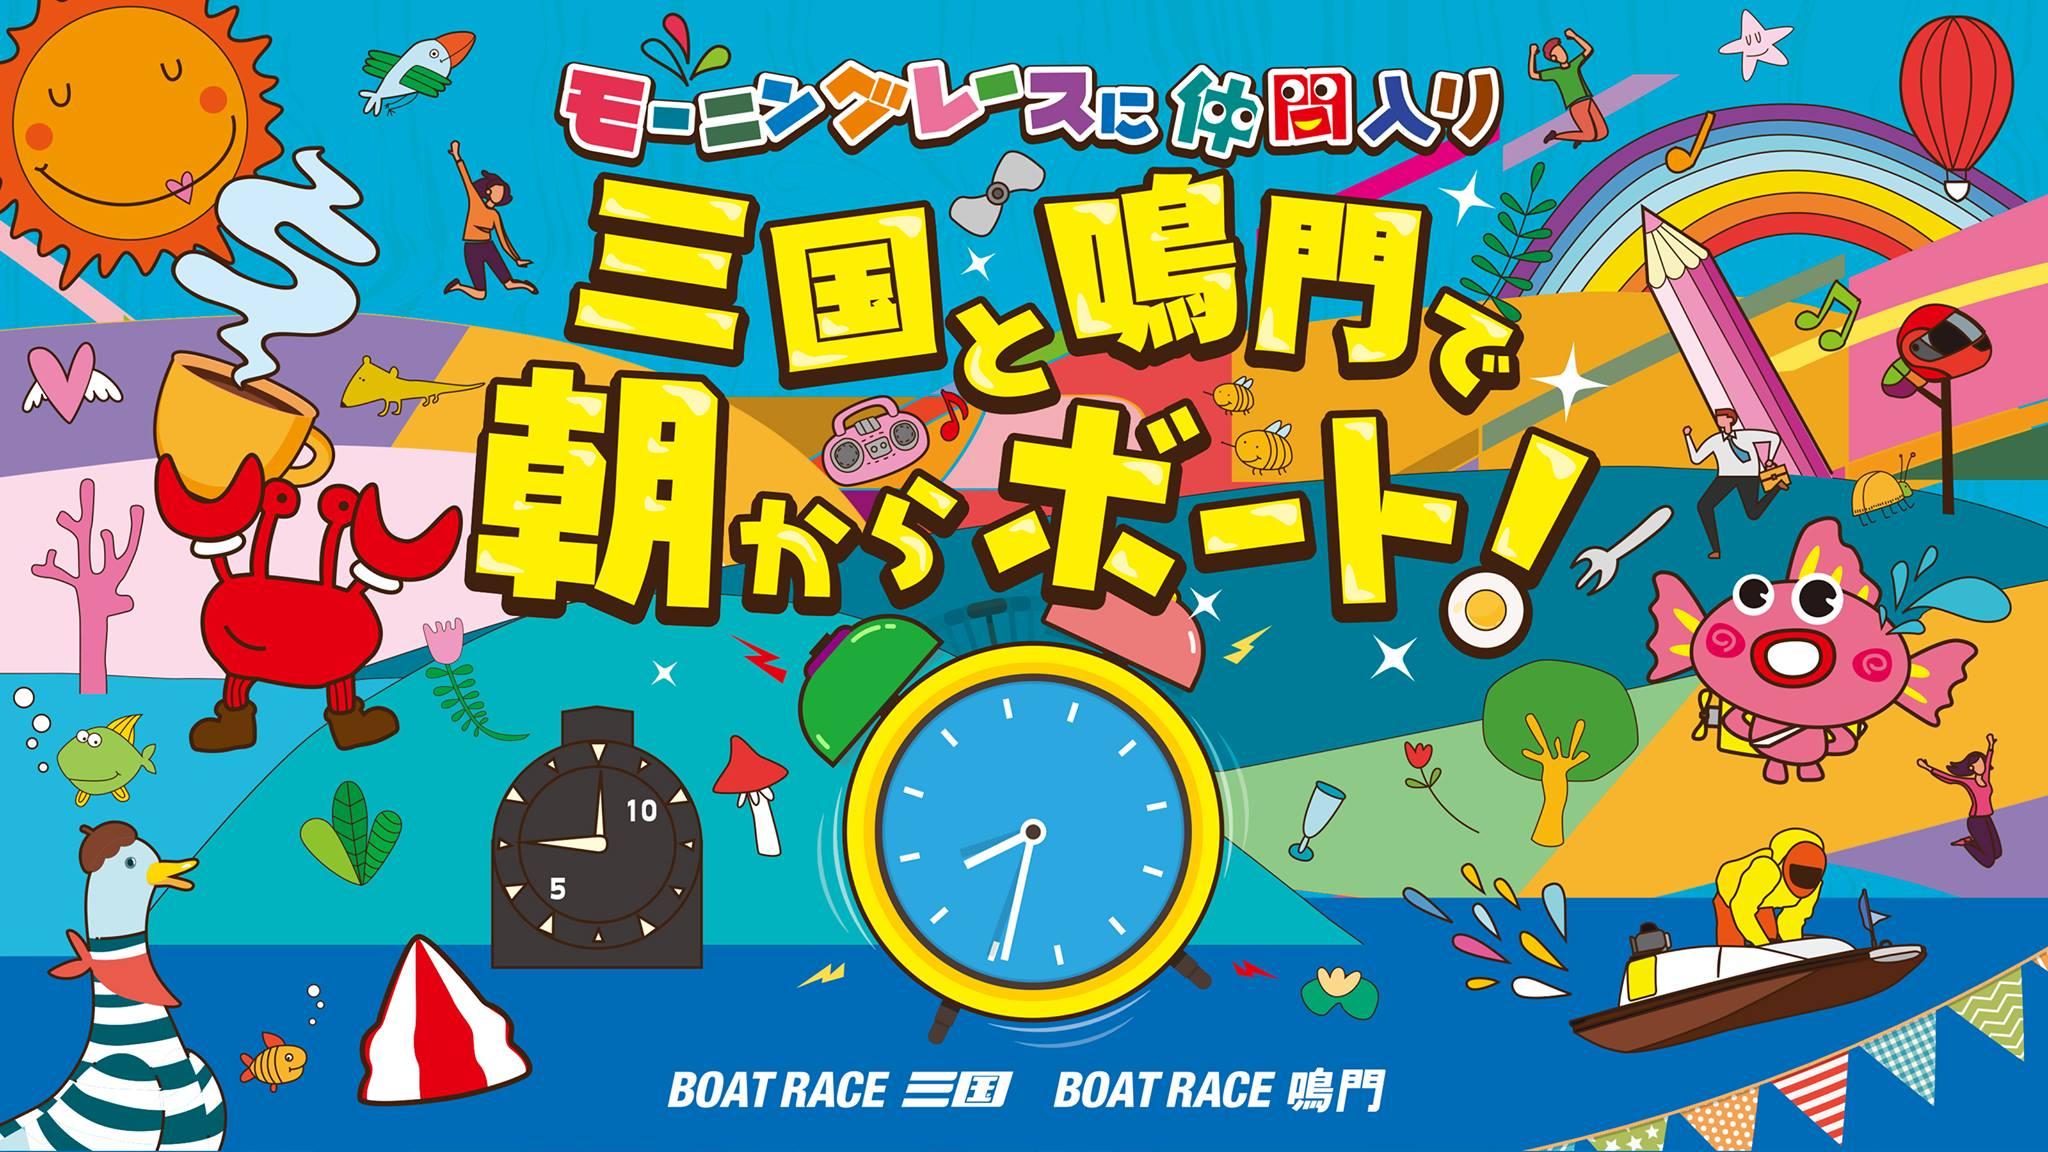 鳴門 ボート レース